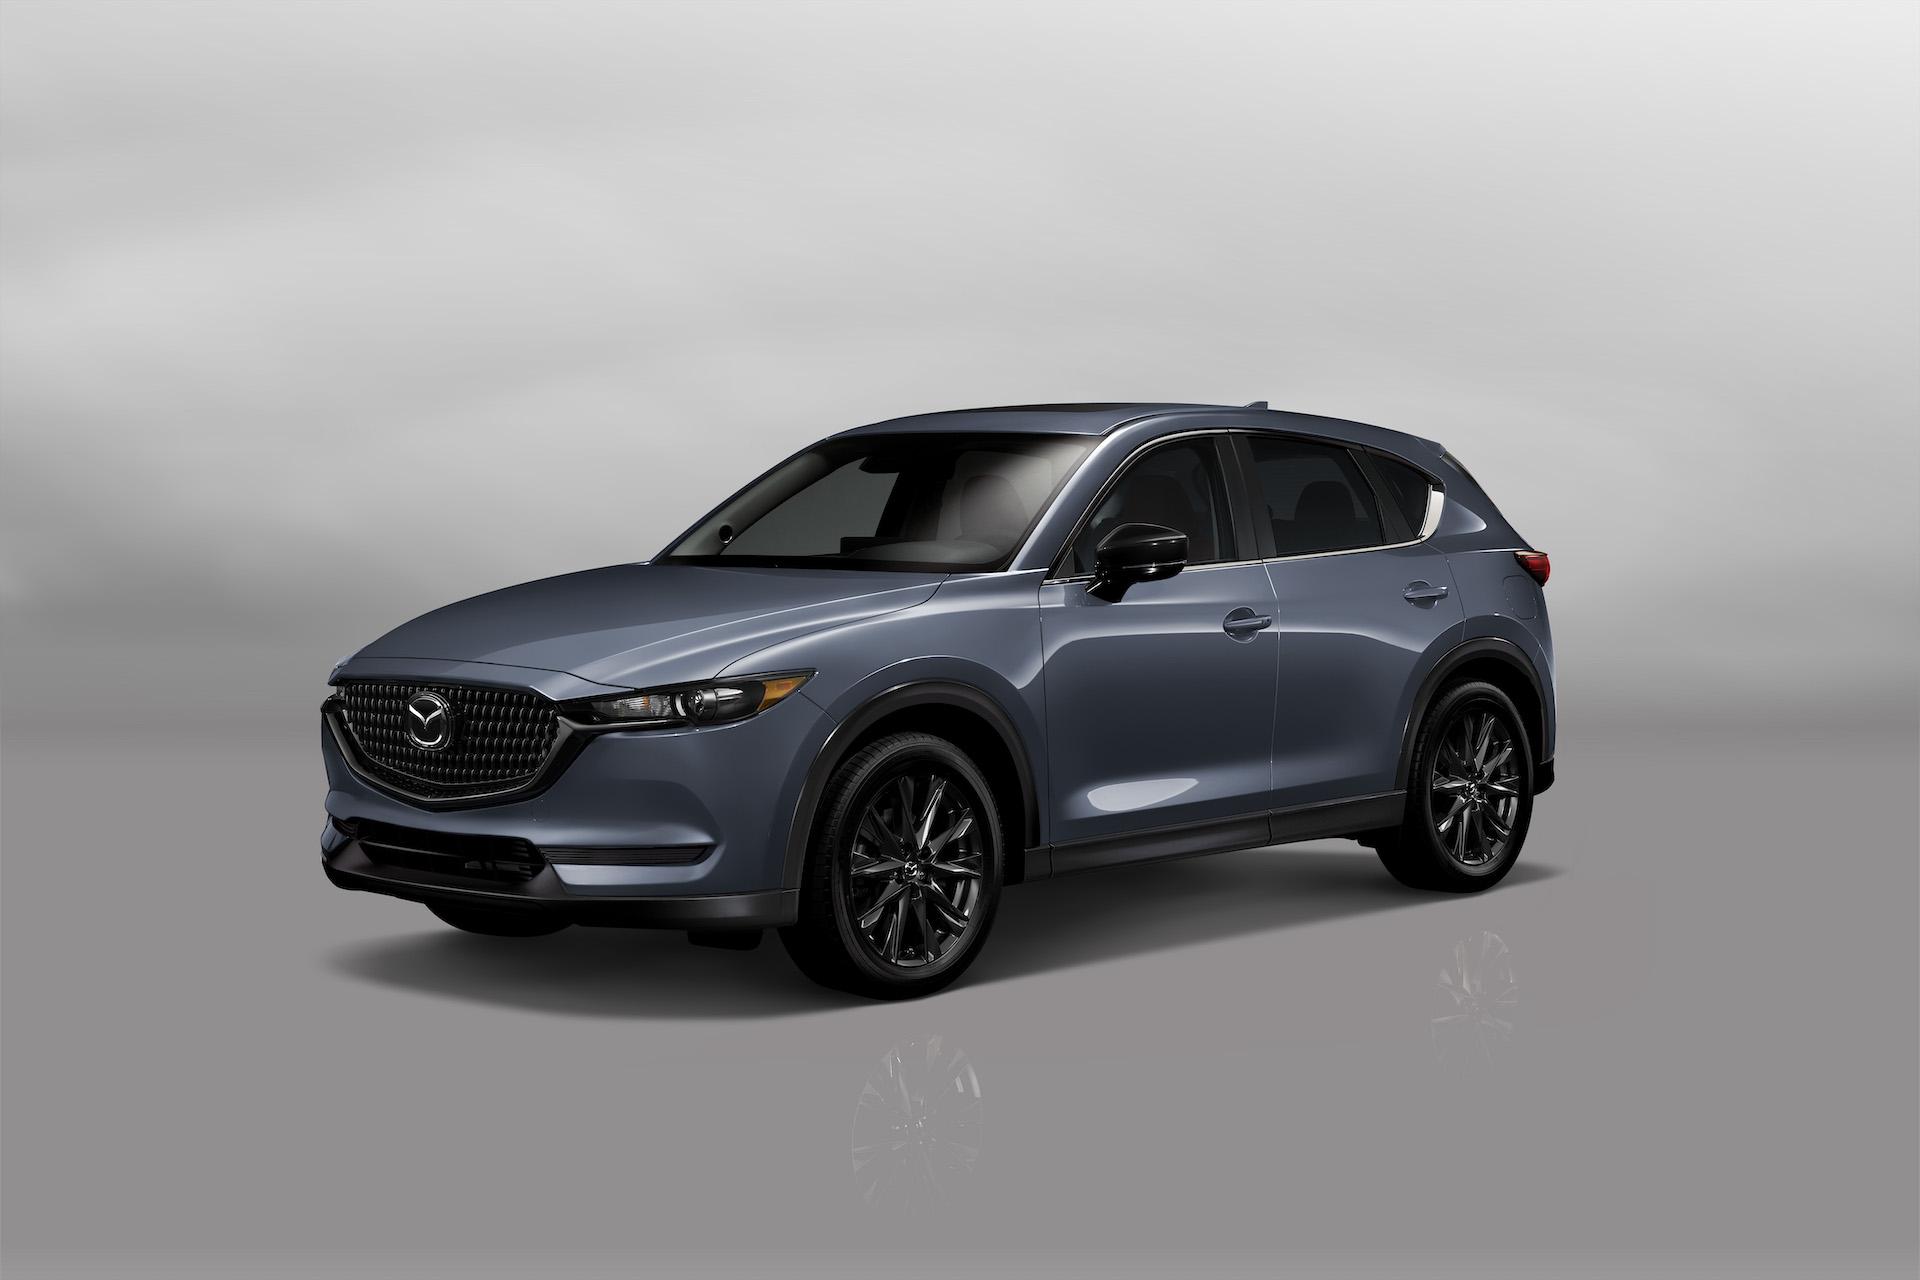 Kelebihan Kekurangan Mazda Cx 5 2021 Harga